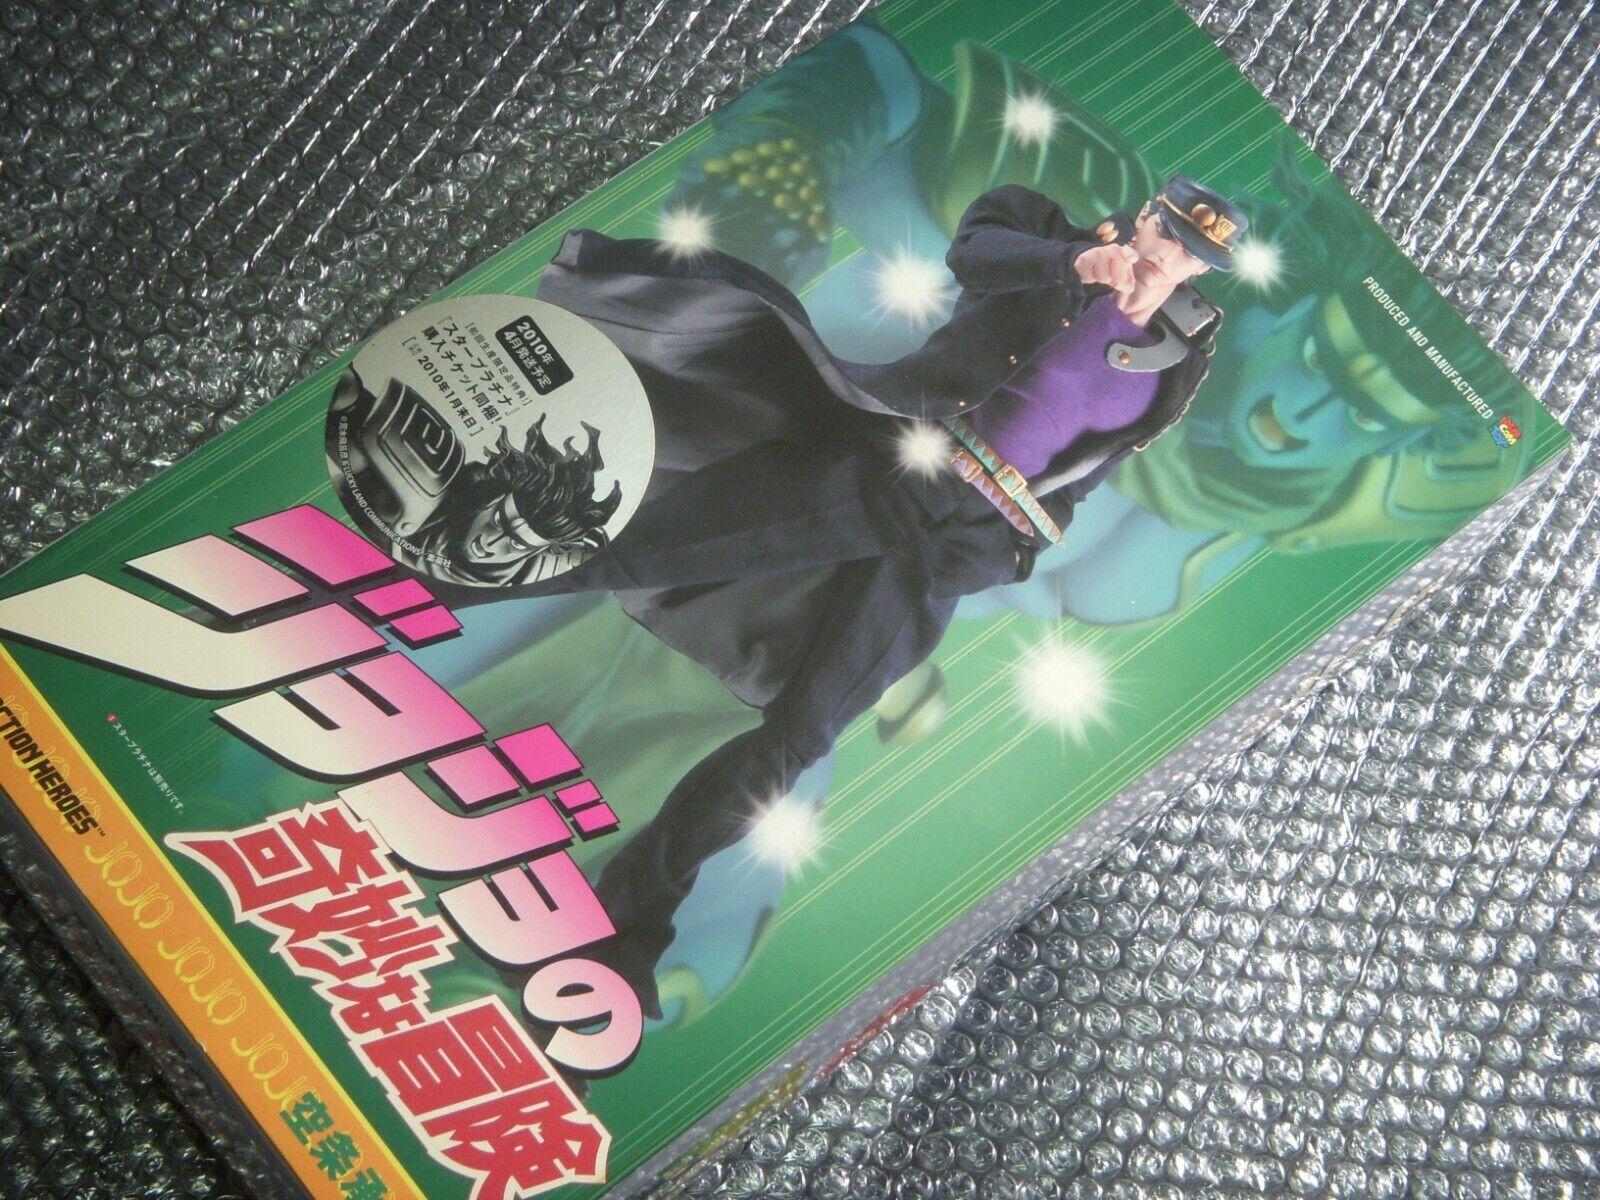 Héroes de acción real de Juguete Medicom Acción Real Heroes Jojo BIZARRE ADVENTURE JOTARO KUJO's